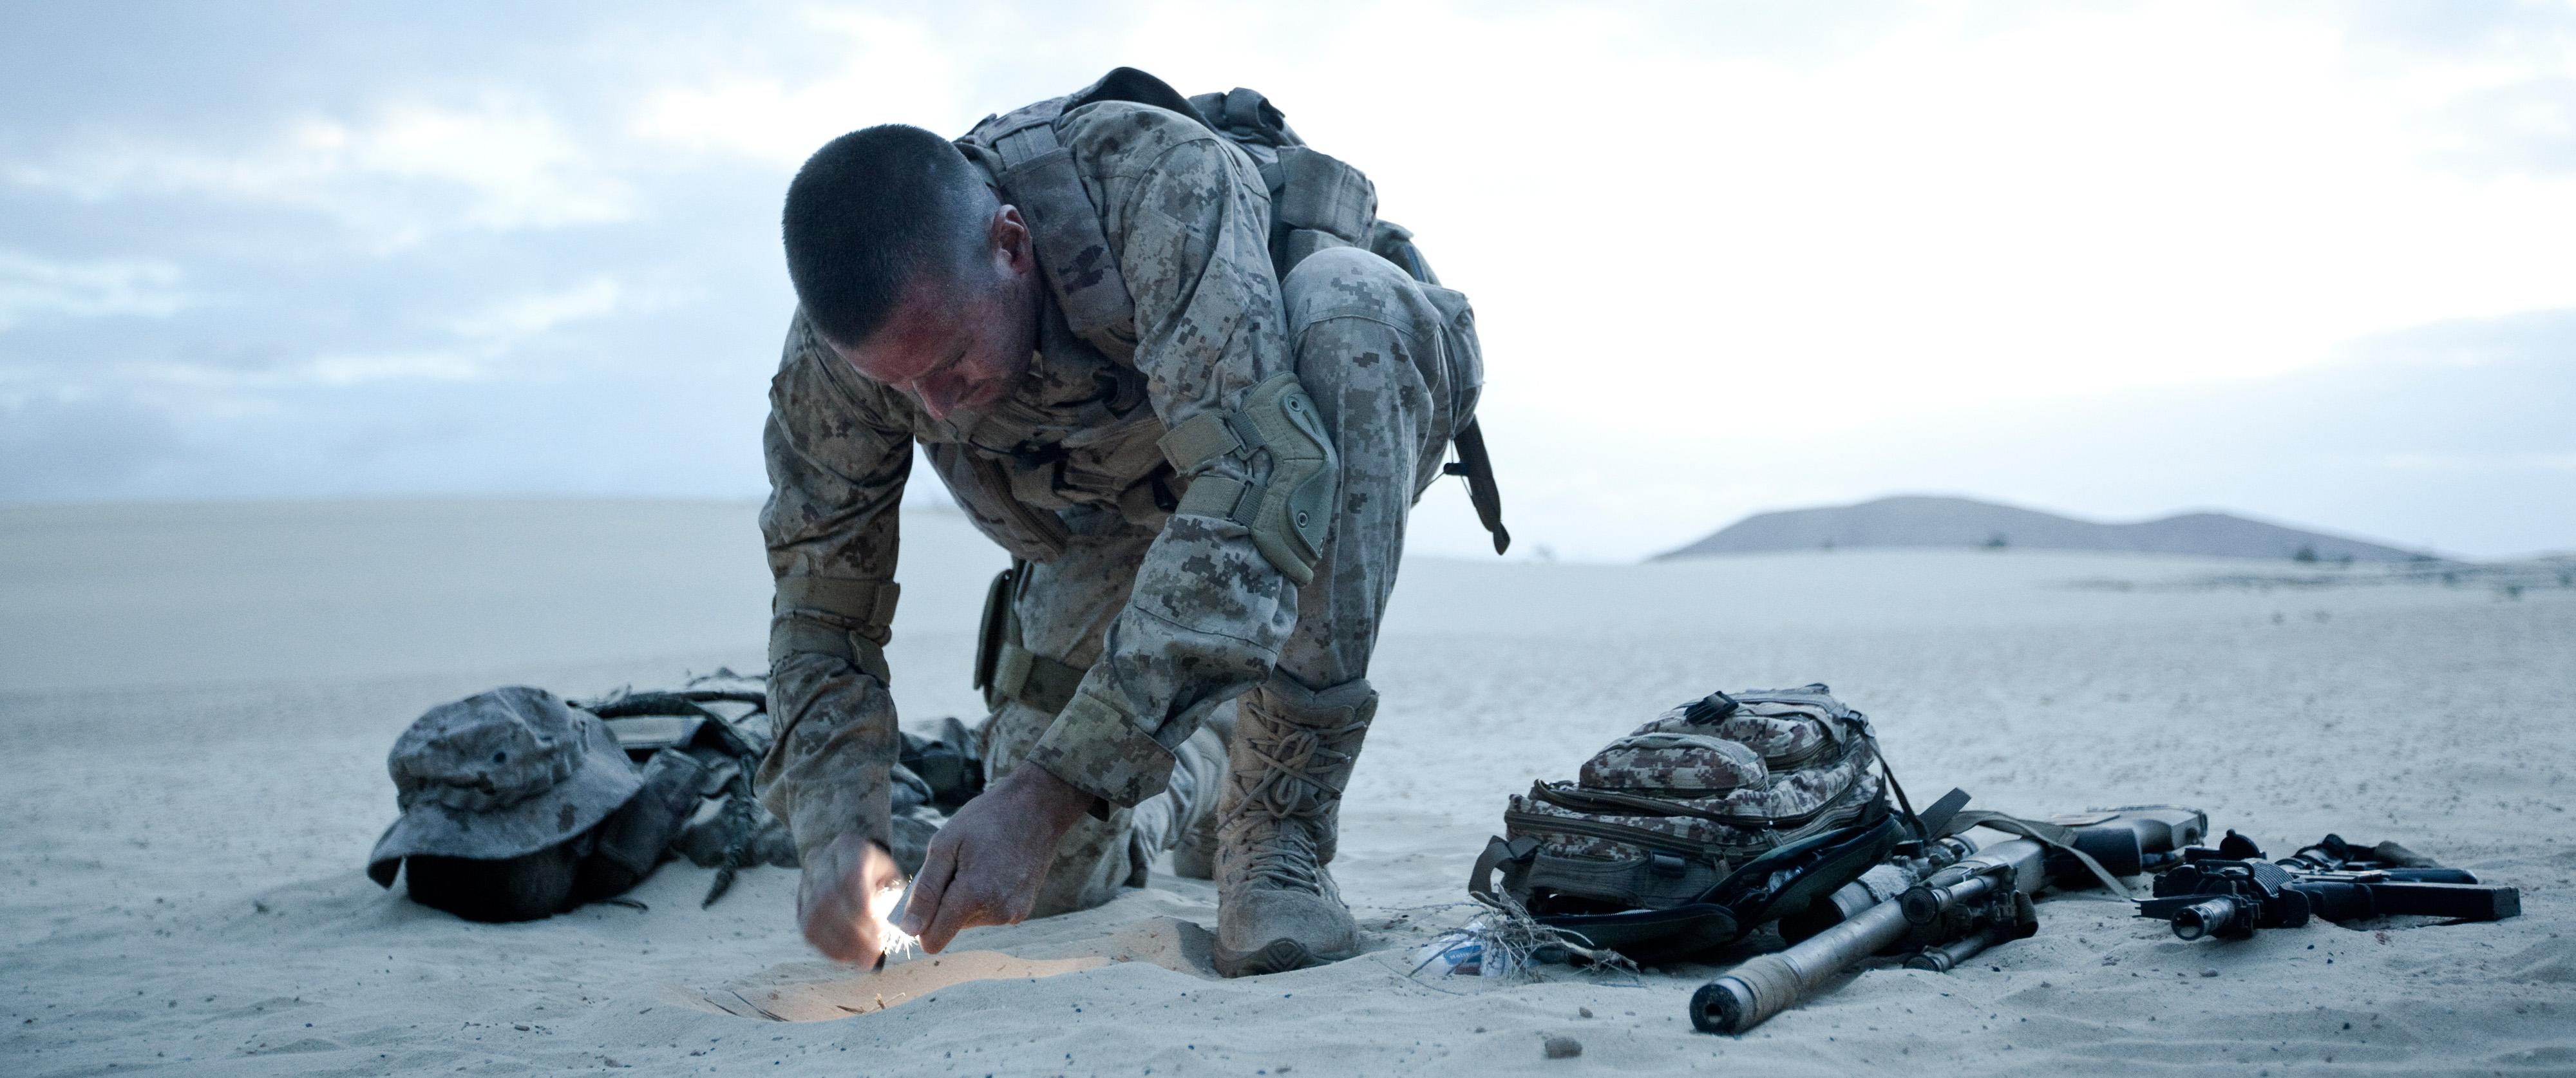 überleben Ein Soldat Kämpft Niemals Allein Film